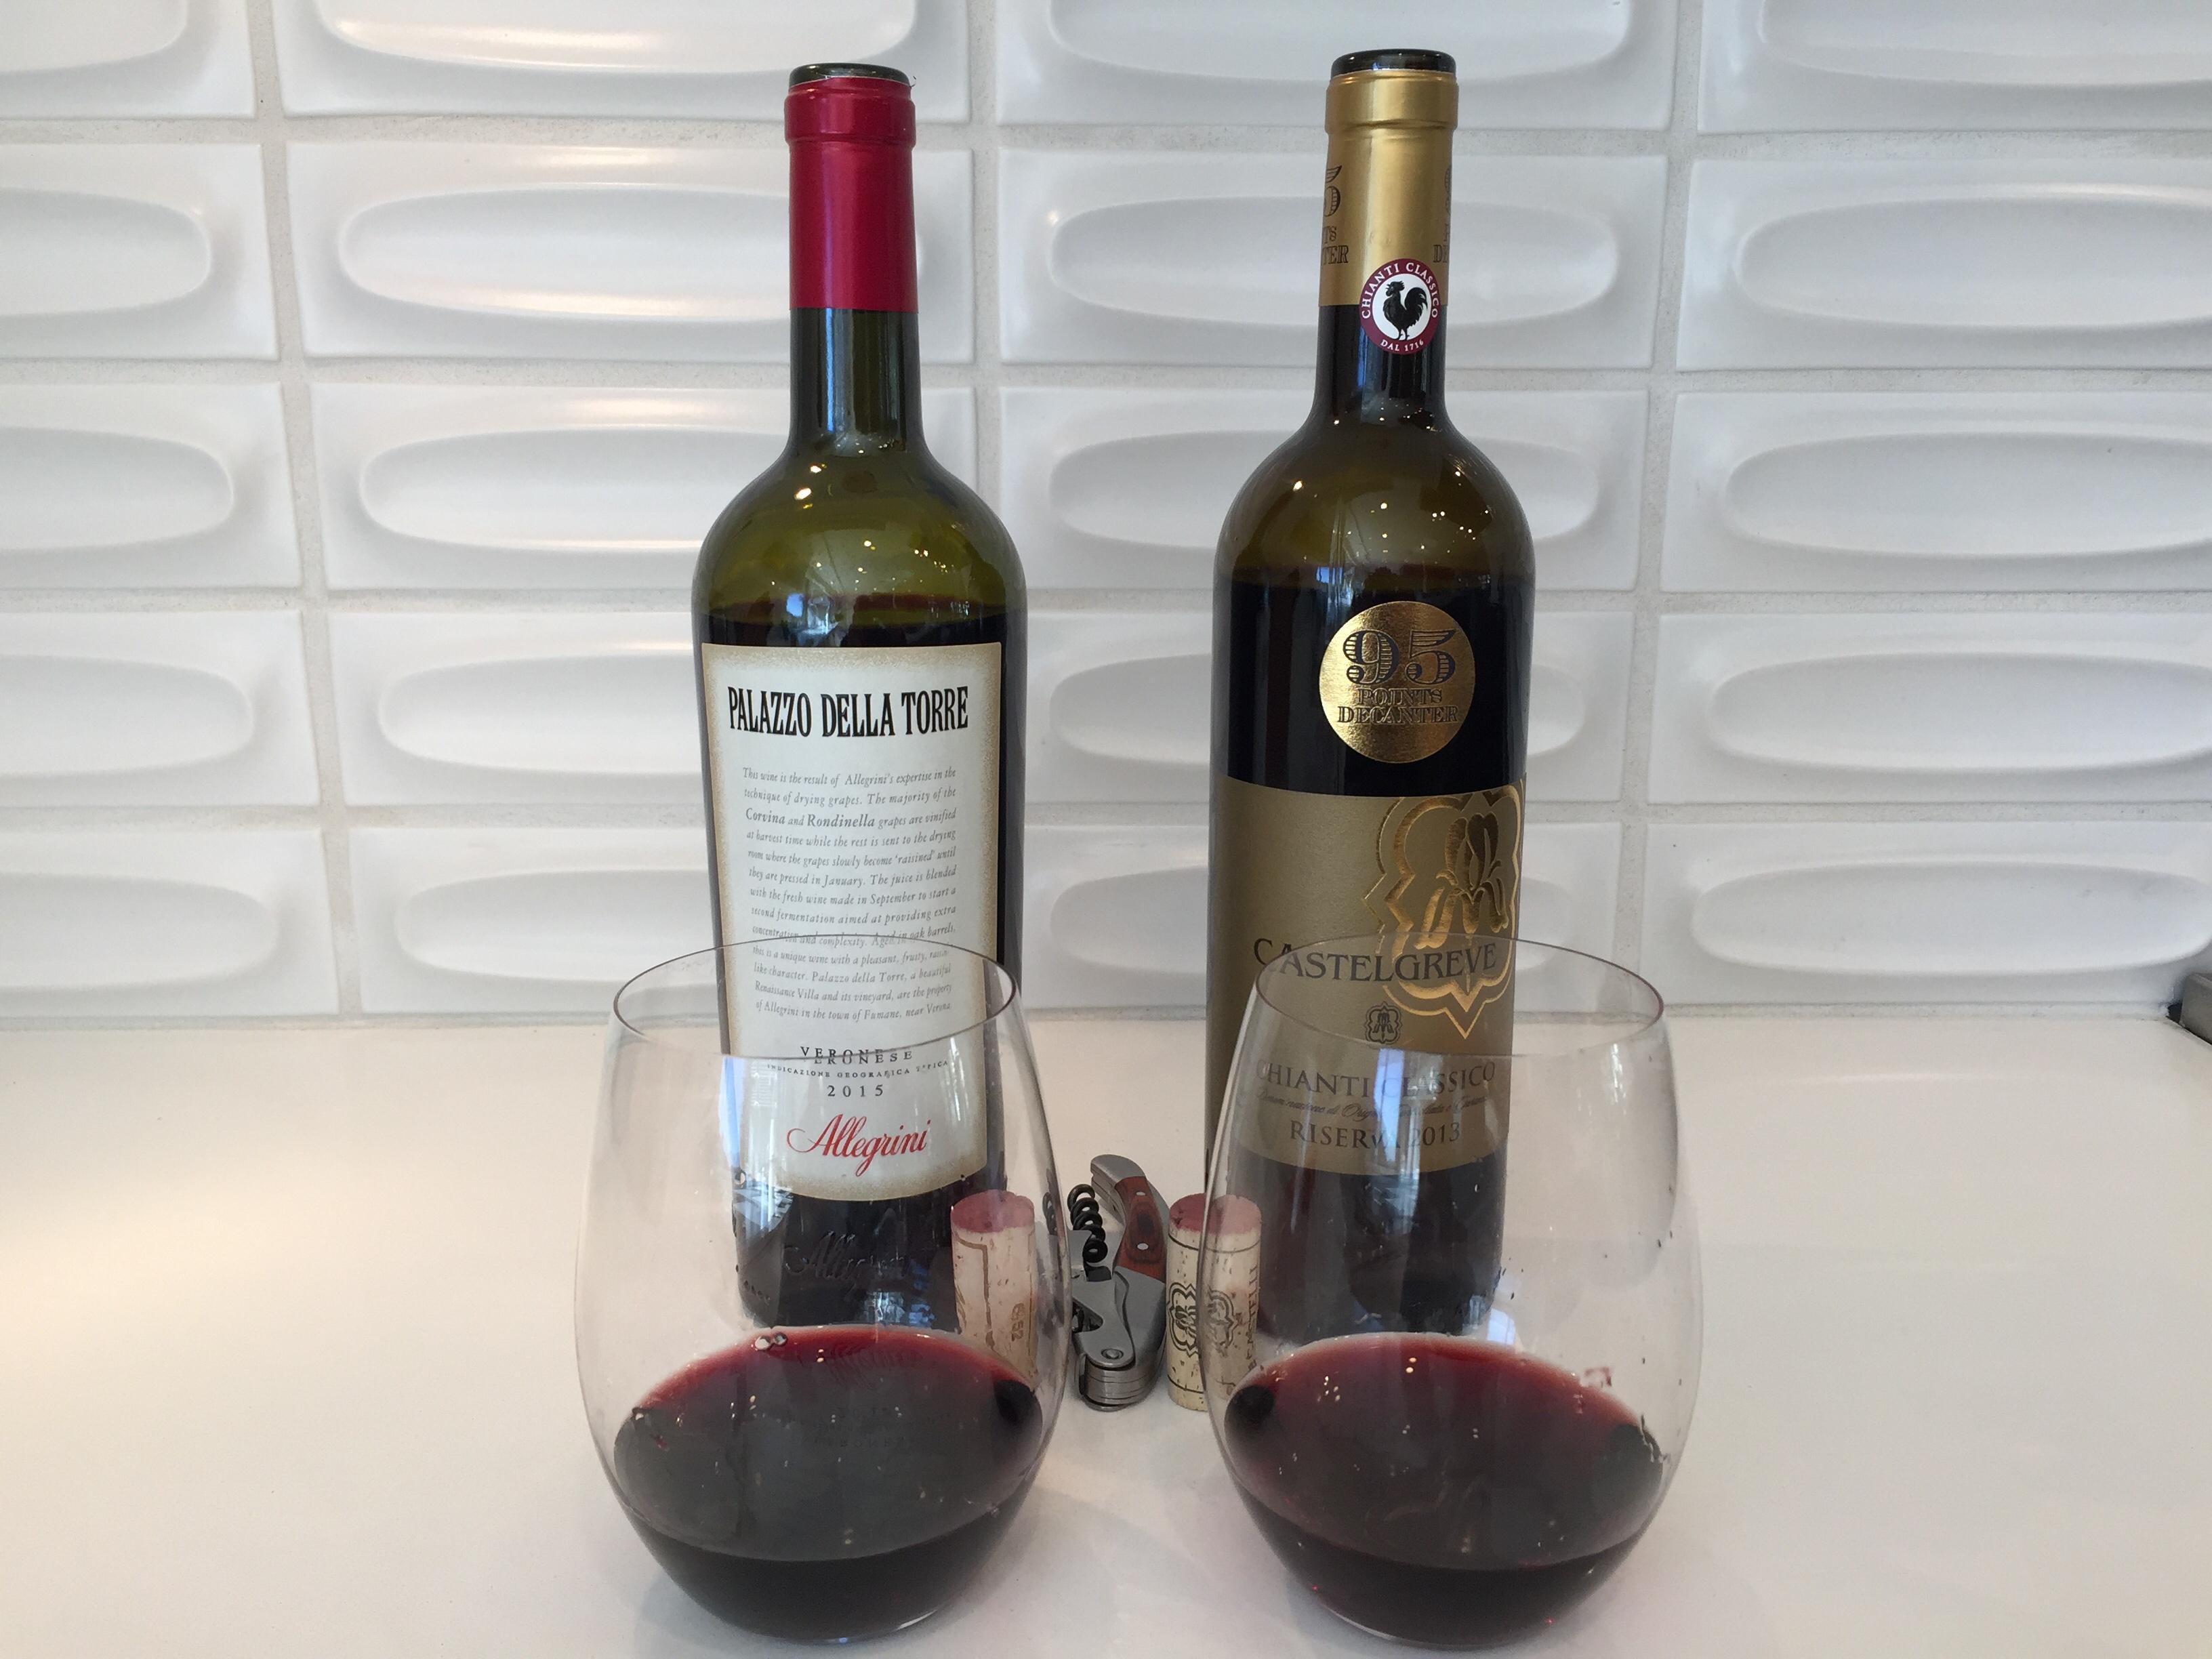 Bottle and glass of Allegrini Palazzo Torre 2015 and Castelgreve Chianti Classico Riserva 2013